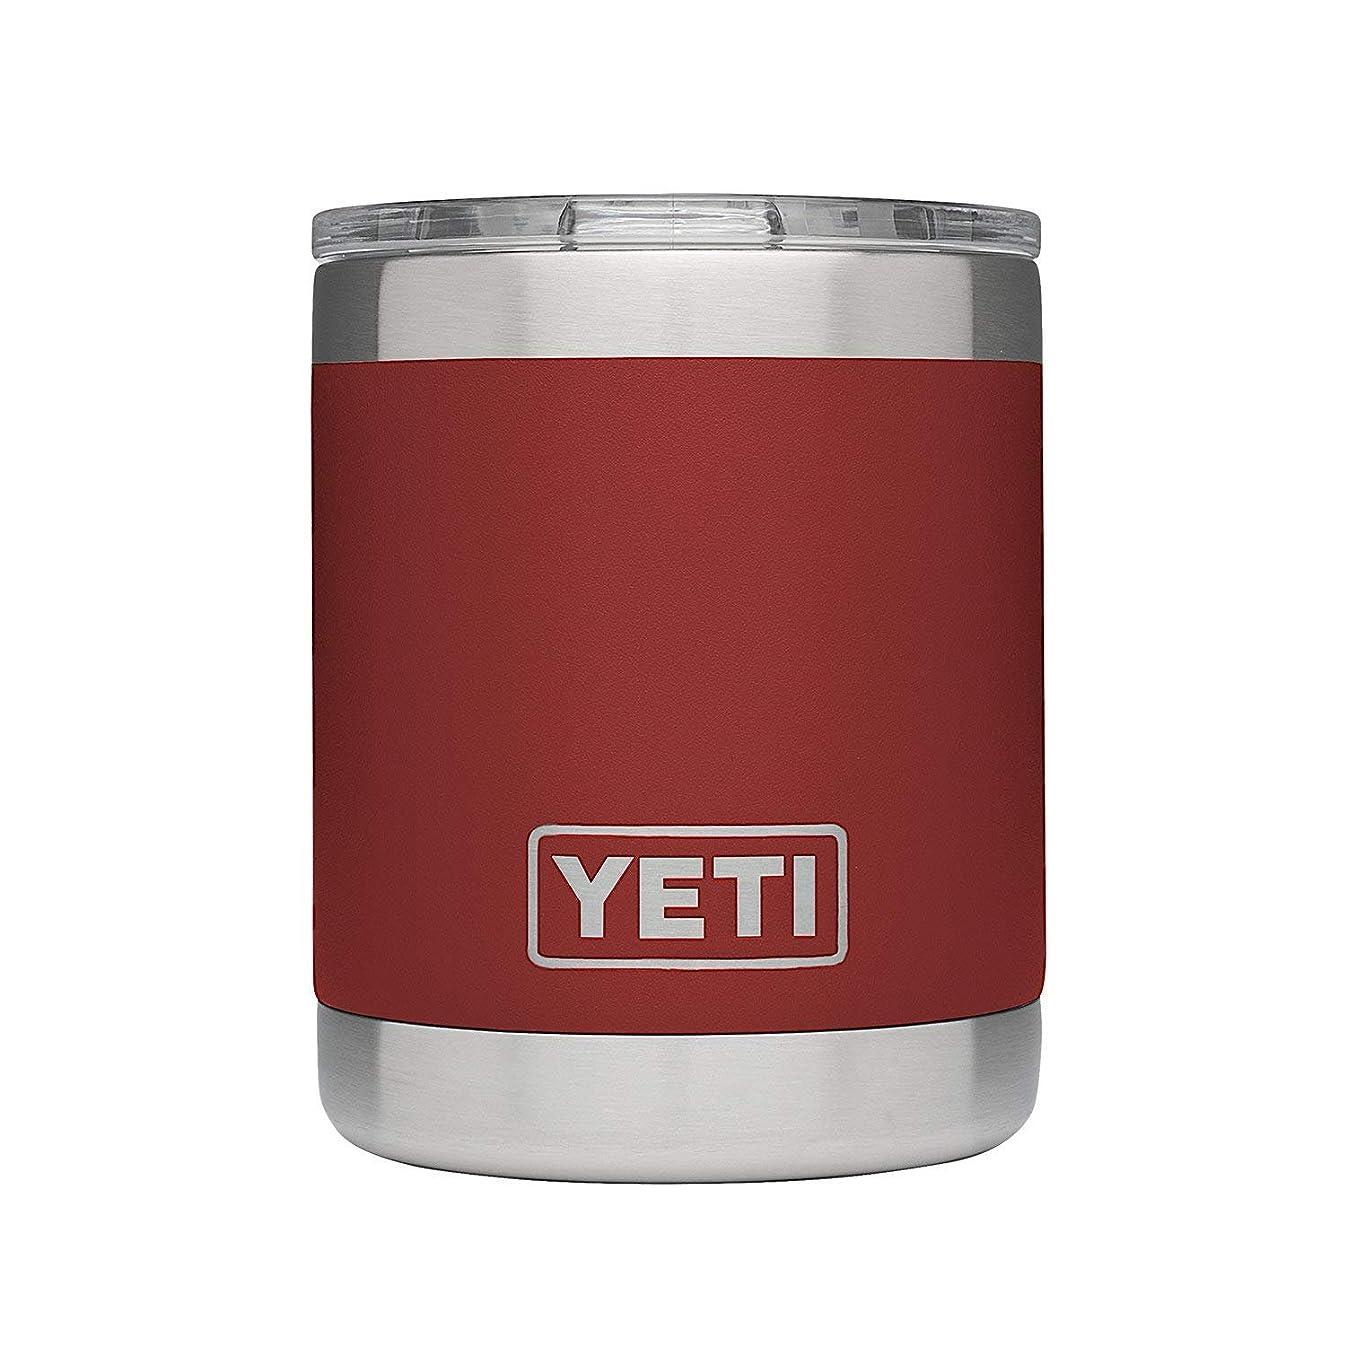 罪類推カジュアル[(イエティ) YETI] [296ml ミニタンブラー ローボールシリーズ, 9カラー Rambler Lowball 10 oz Stainless Steel Cup with Lid, 9 Colors] (並行輸入品)